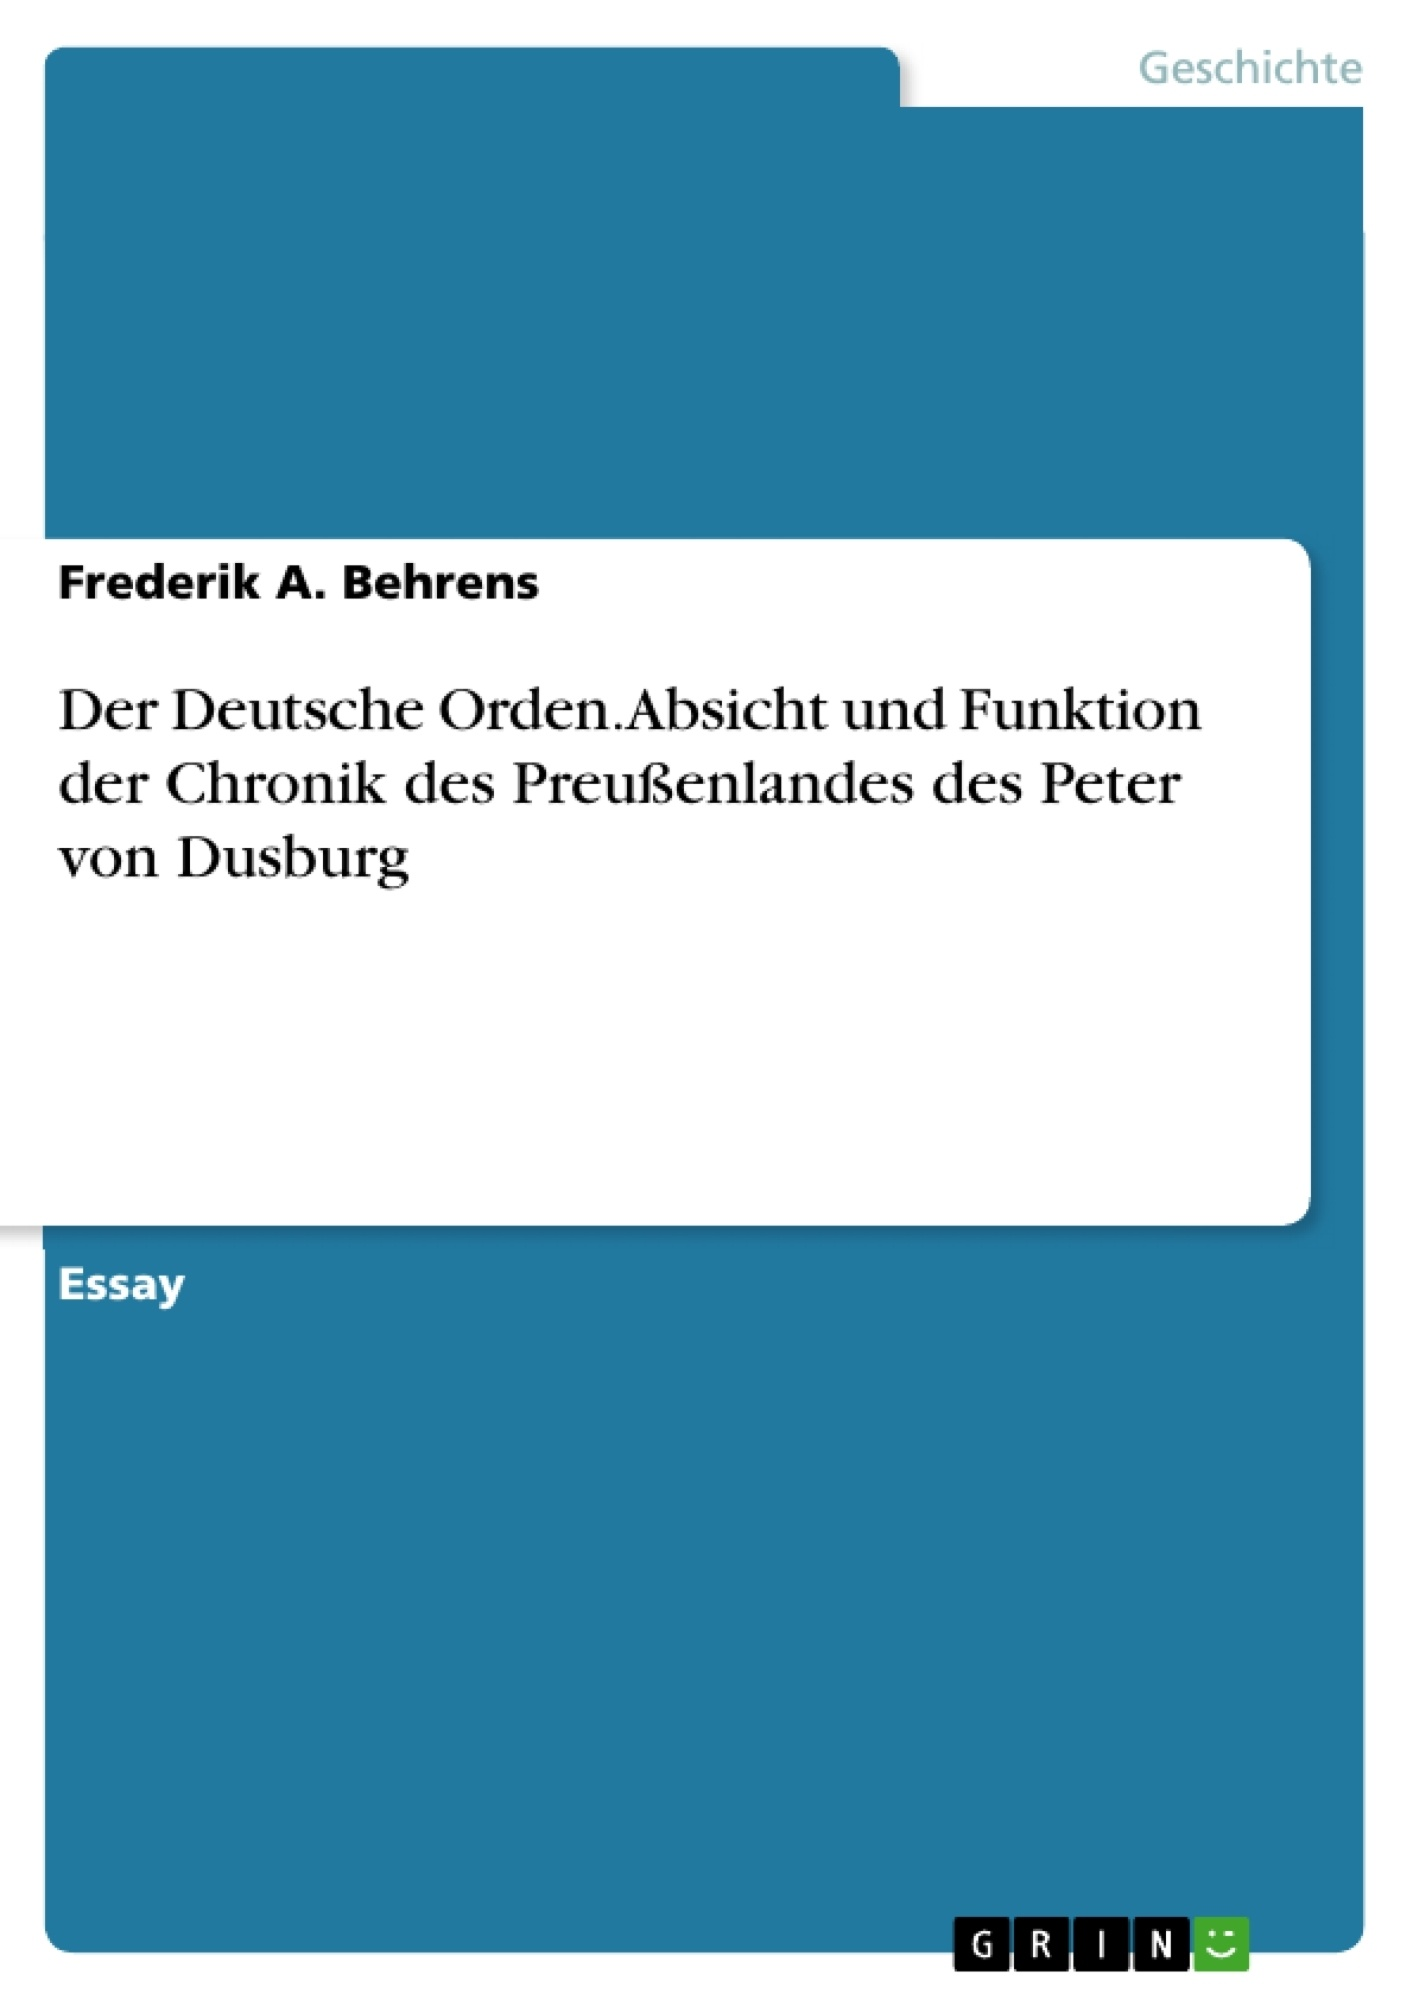 Titel: Der Deutsche Orden. Absicht und Funktion der Chronik des Preußenlandes des Peter von Dusburg